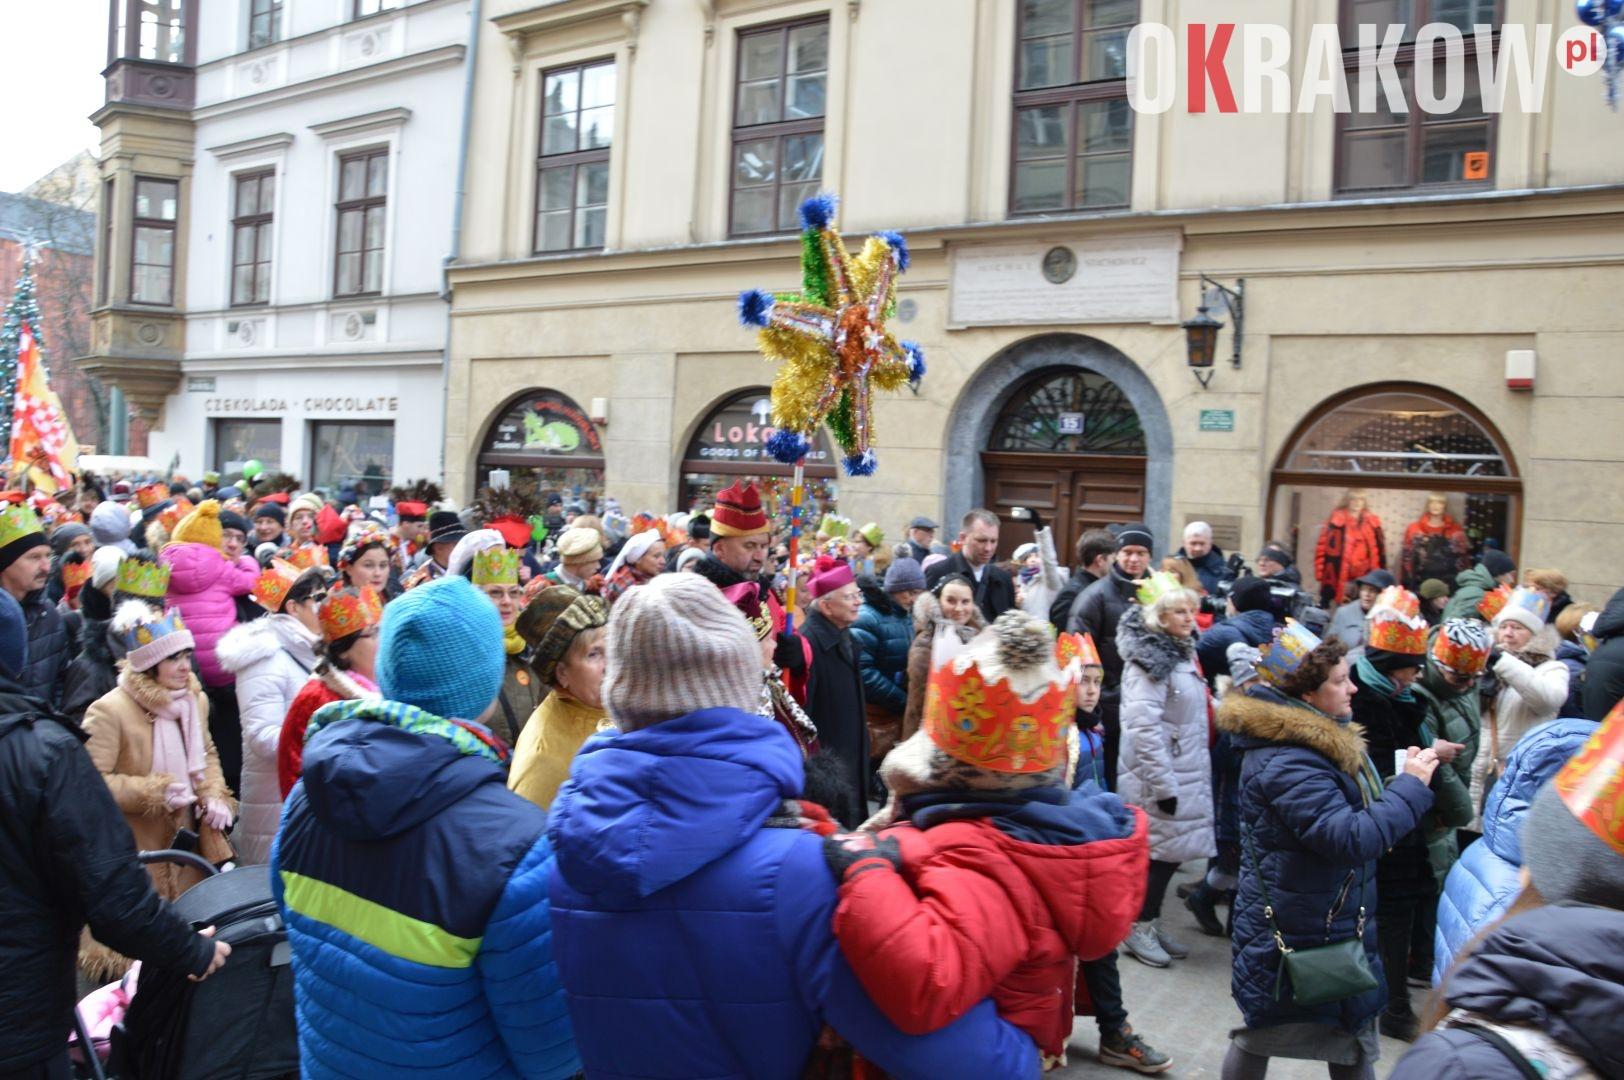 orszak 35 1 150x150 - Orszak Trzech Króli Kraków 2020 Galeria Zdjęć z Orszaku (czerwonego)